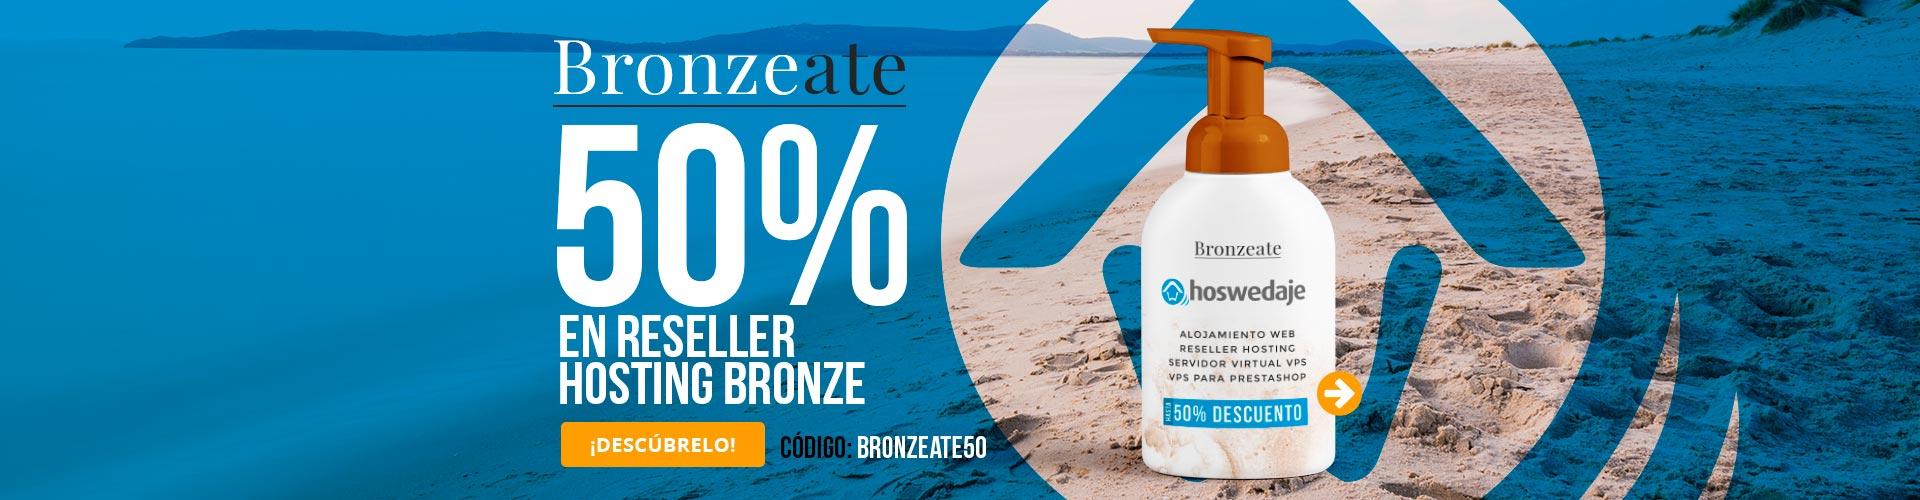 Bronzeate! 50% de descuento en Reseller Bronze